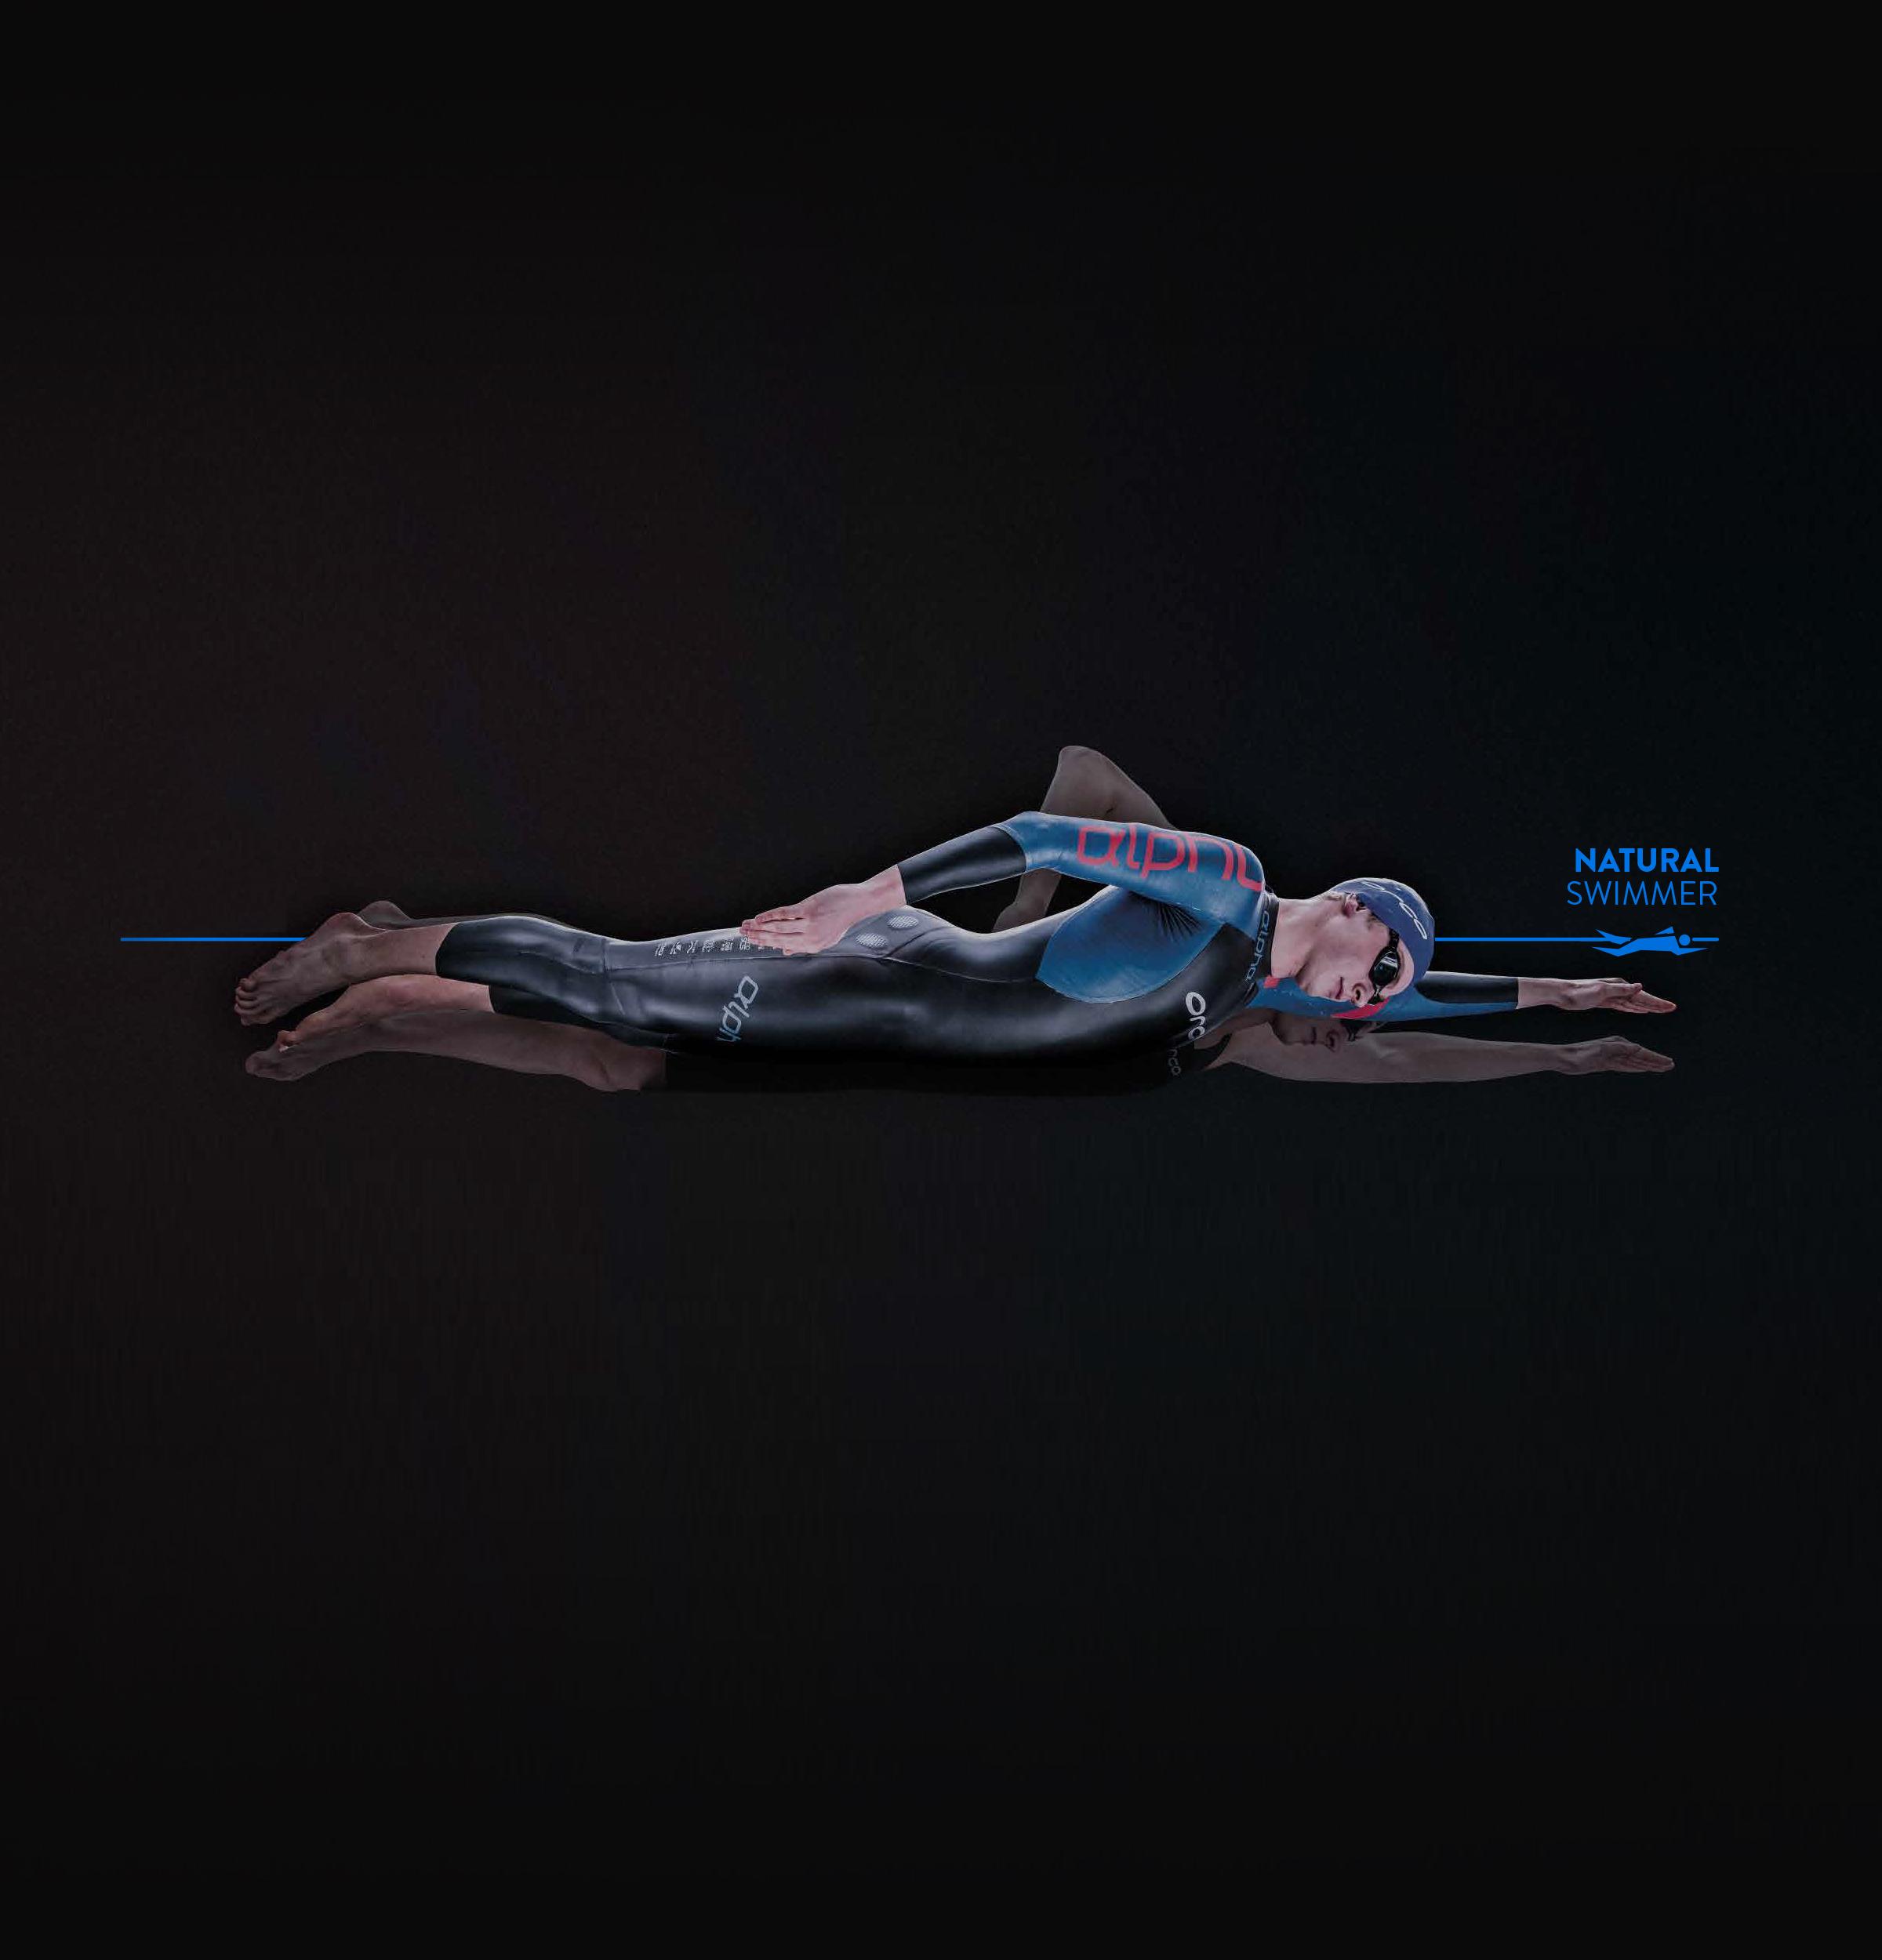 natural-swimmer.jpg